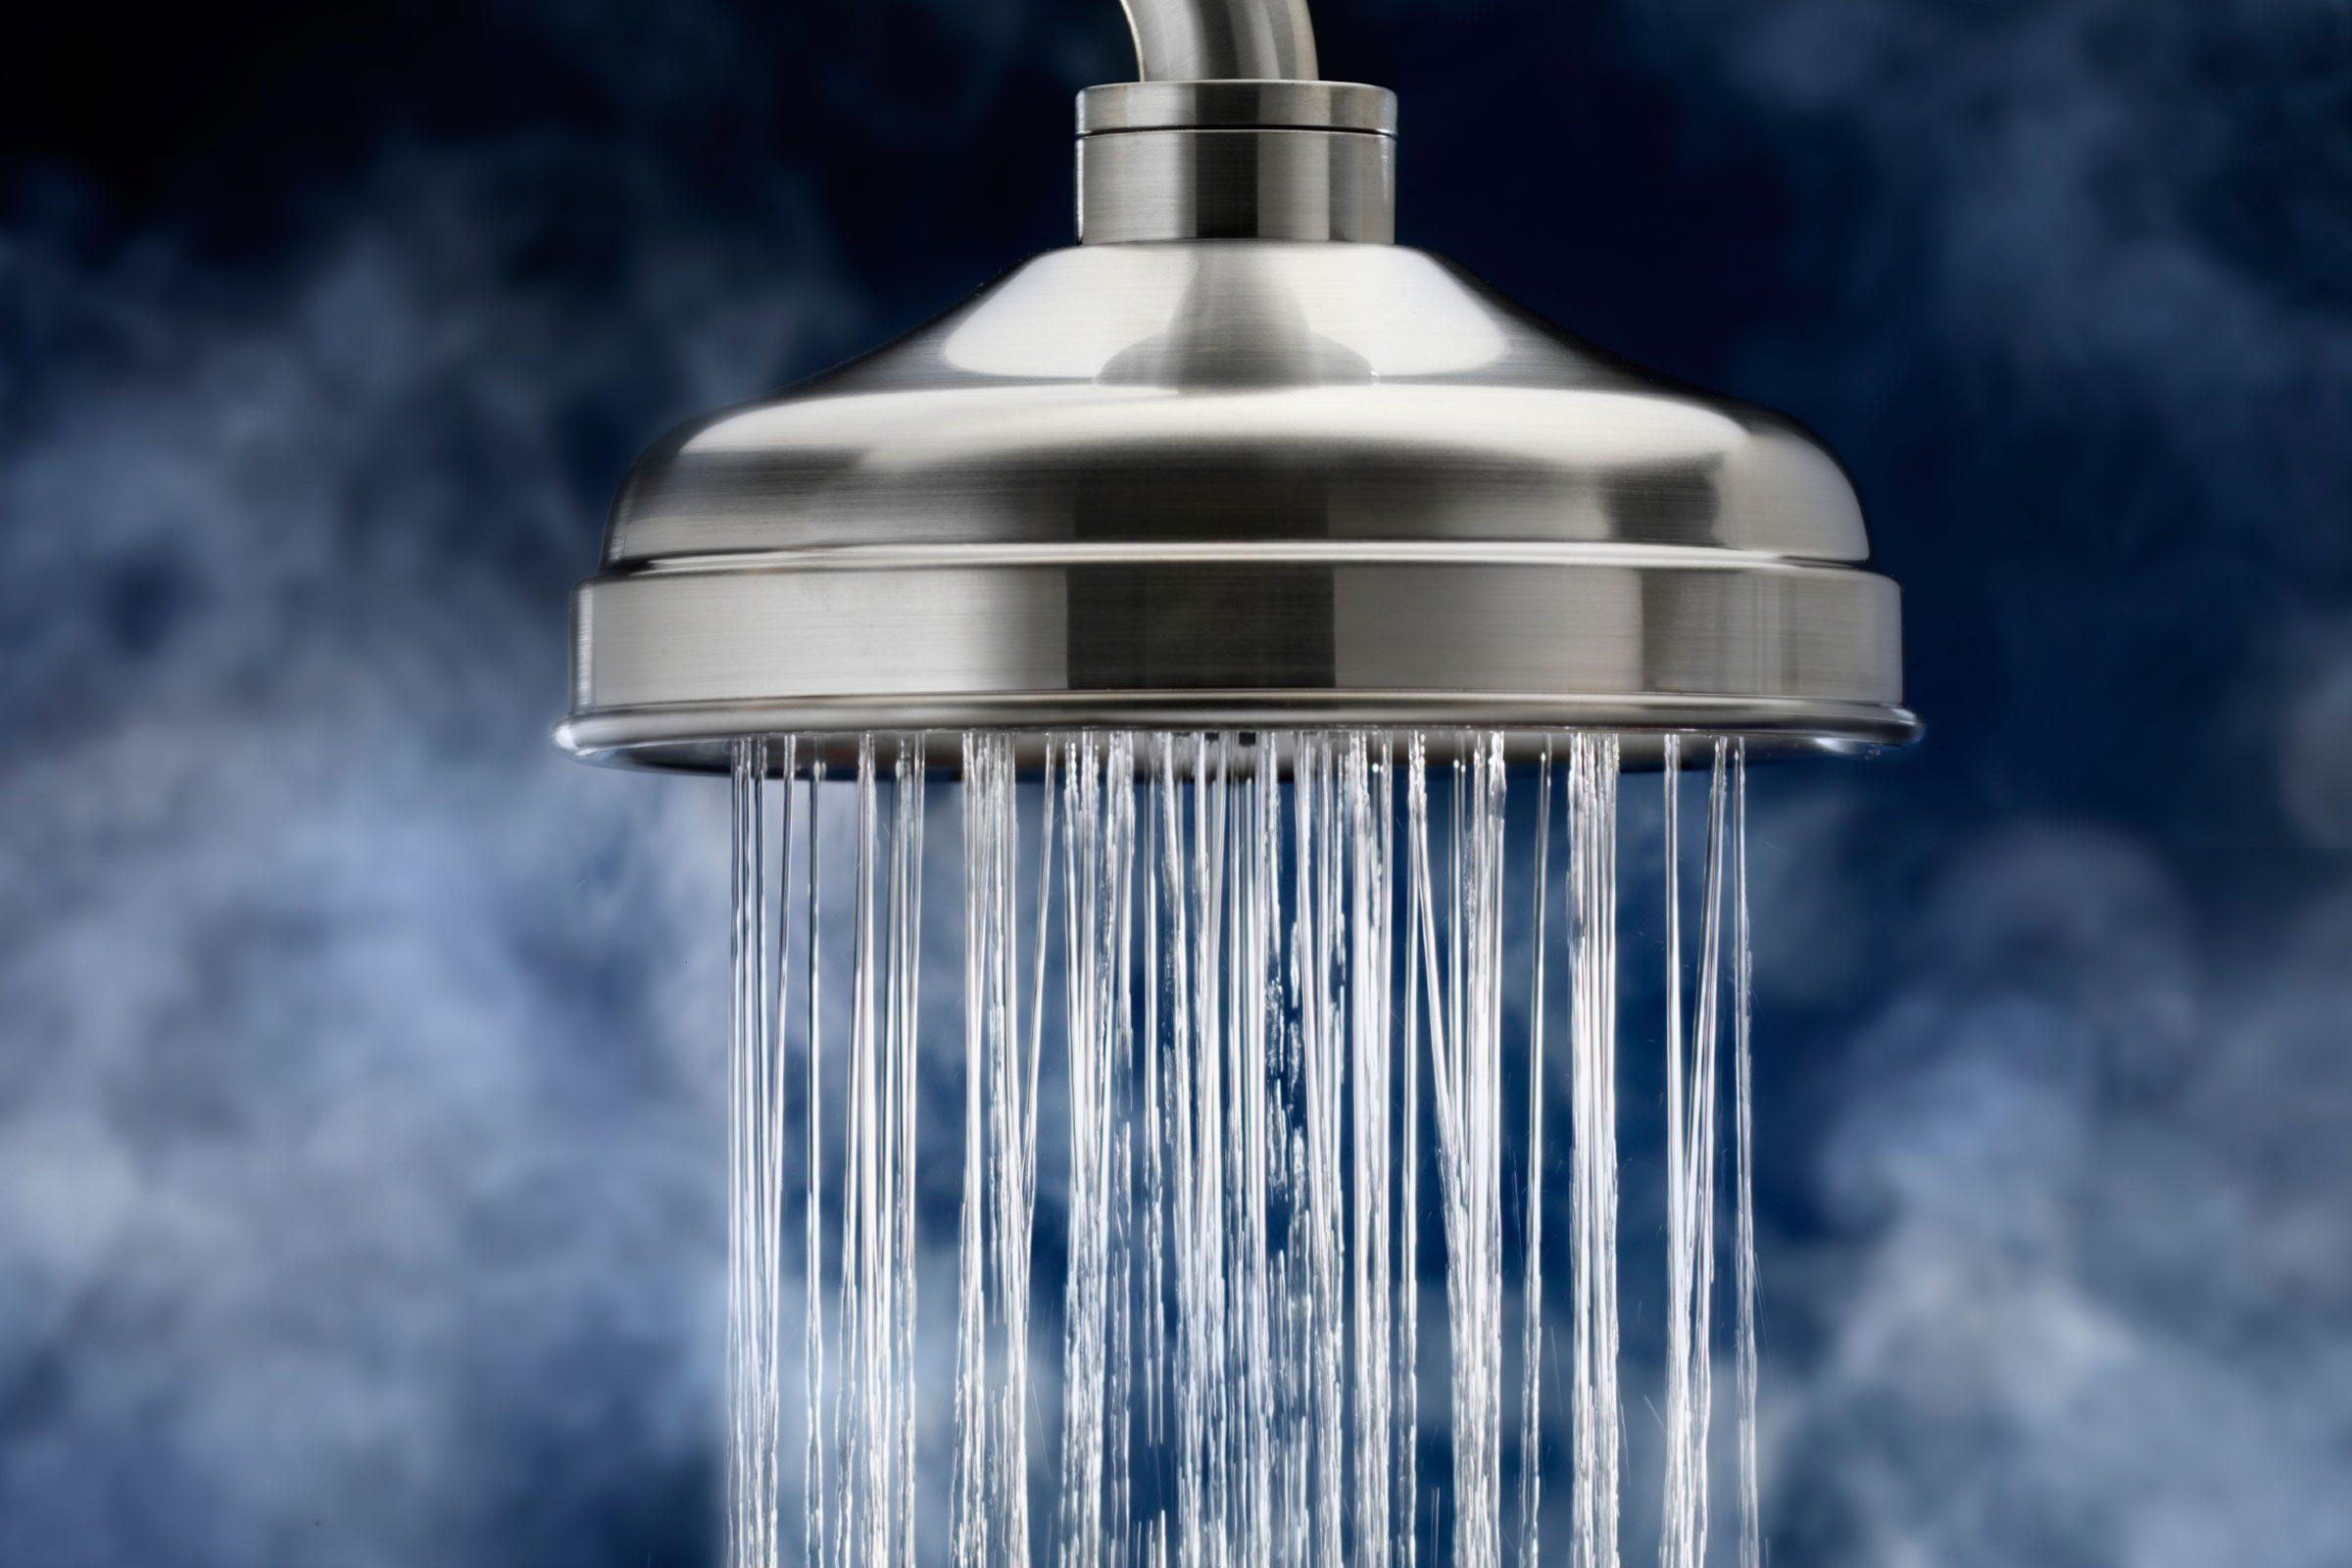 Les douches trop chaudes sont nuisibles pour la peau.